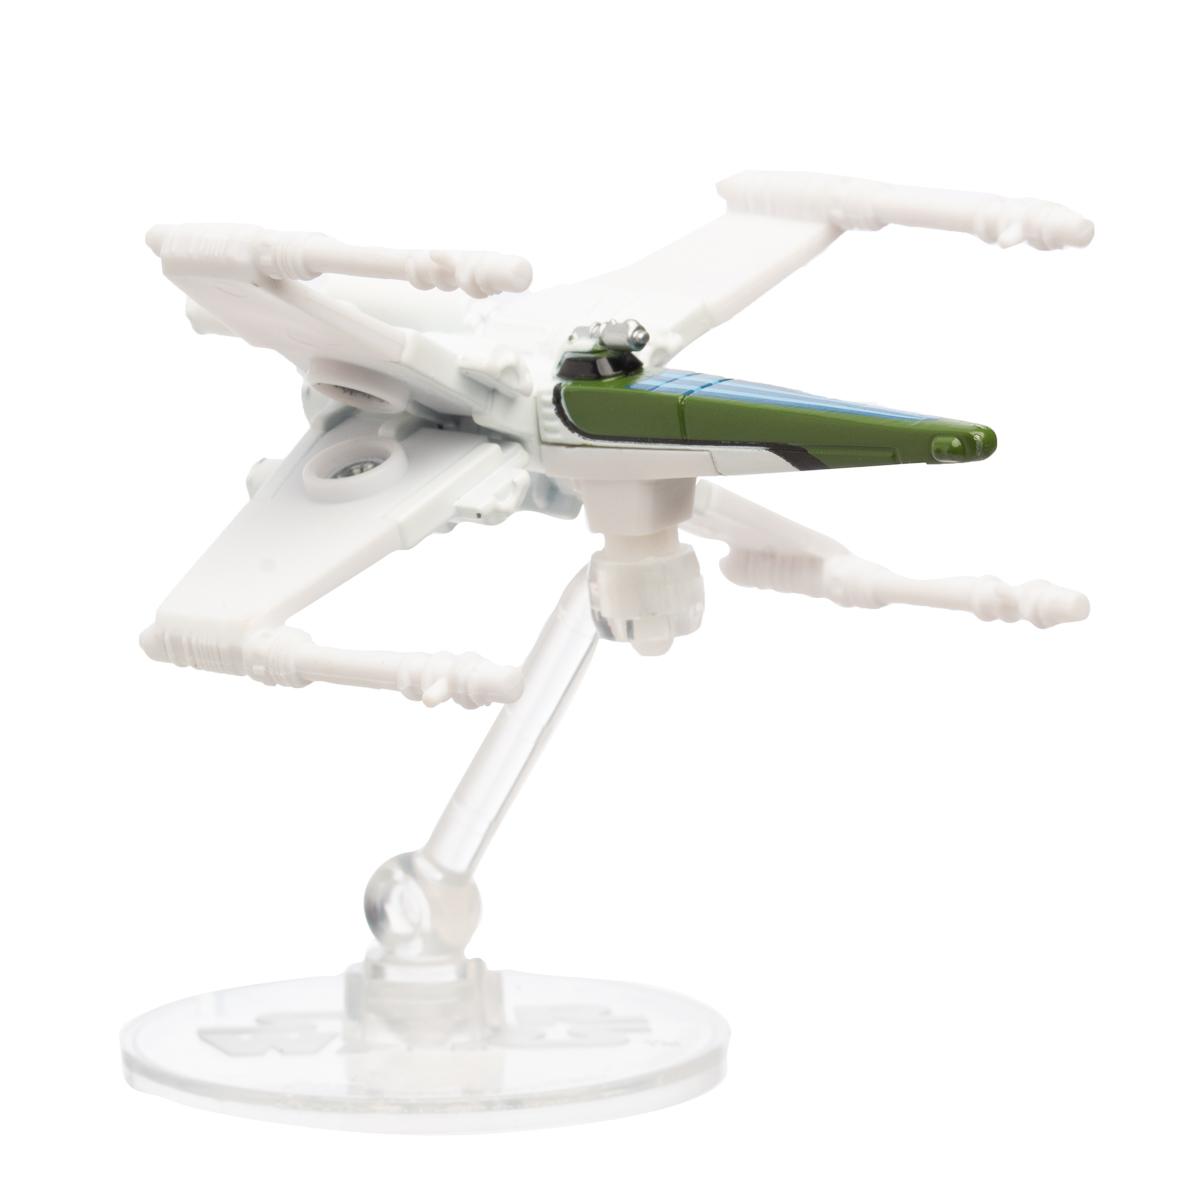 disney star wars diecast spaceships - HD1200×1200